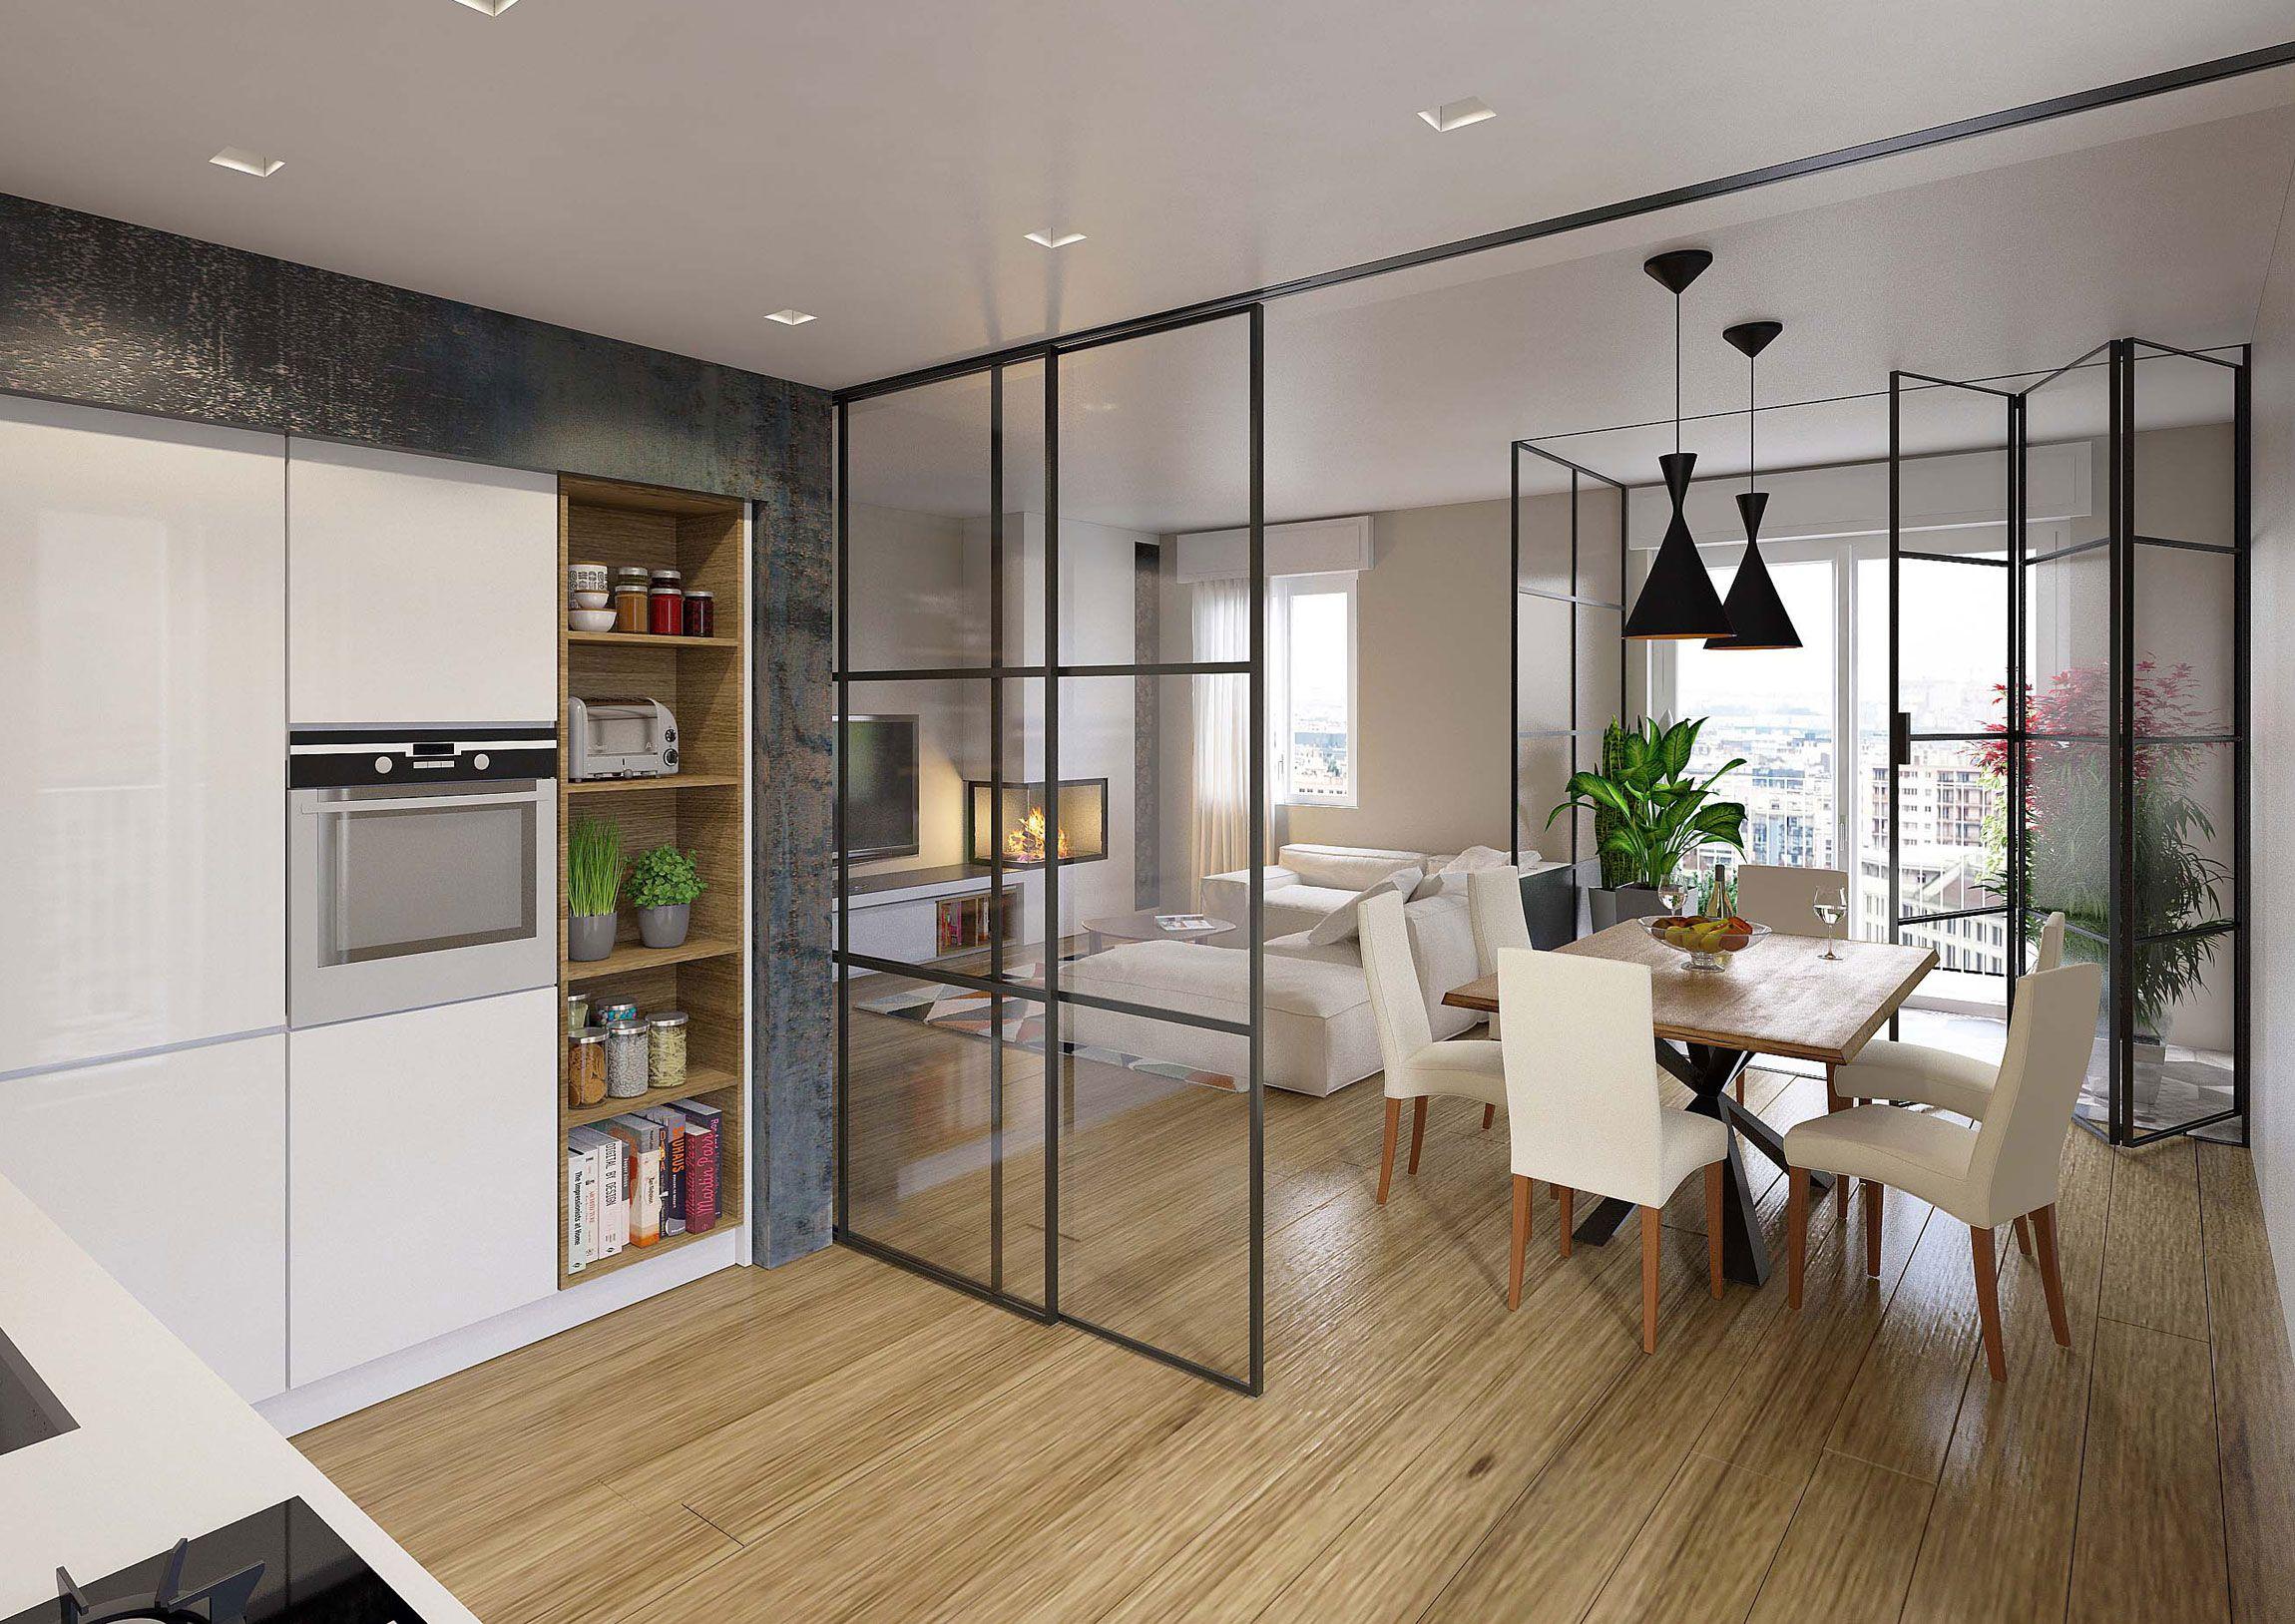 parete vetrata ferro e vetro, pieghevole (porta nel background ... - Vetrata Soggiorno Cucina